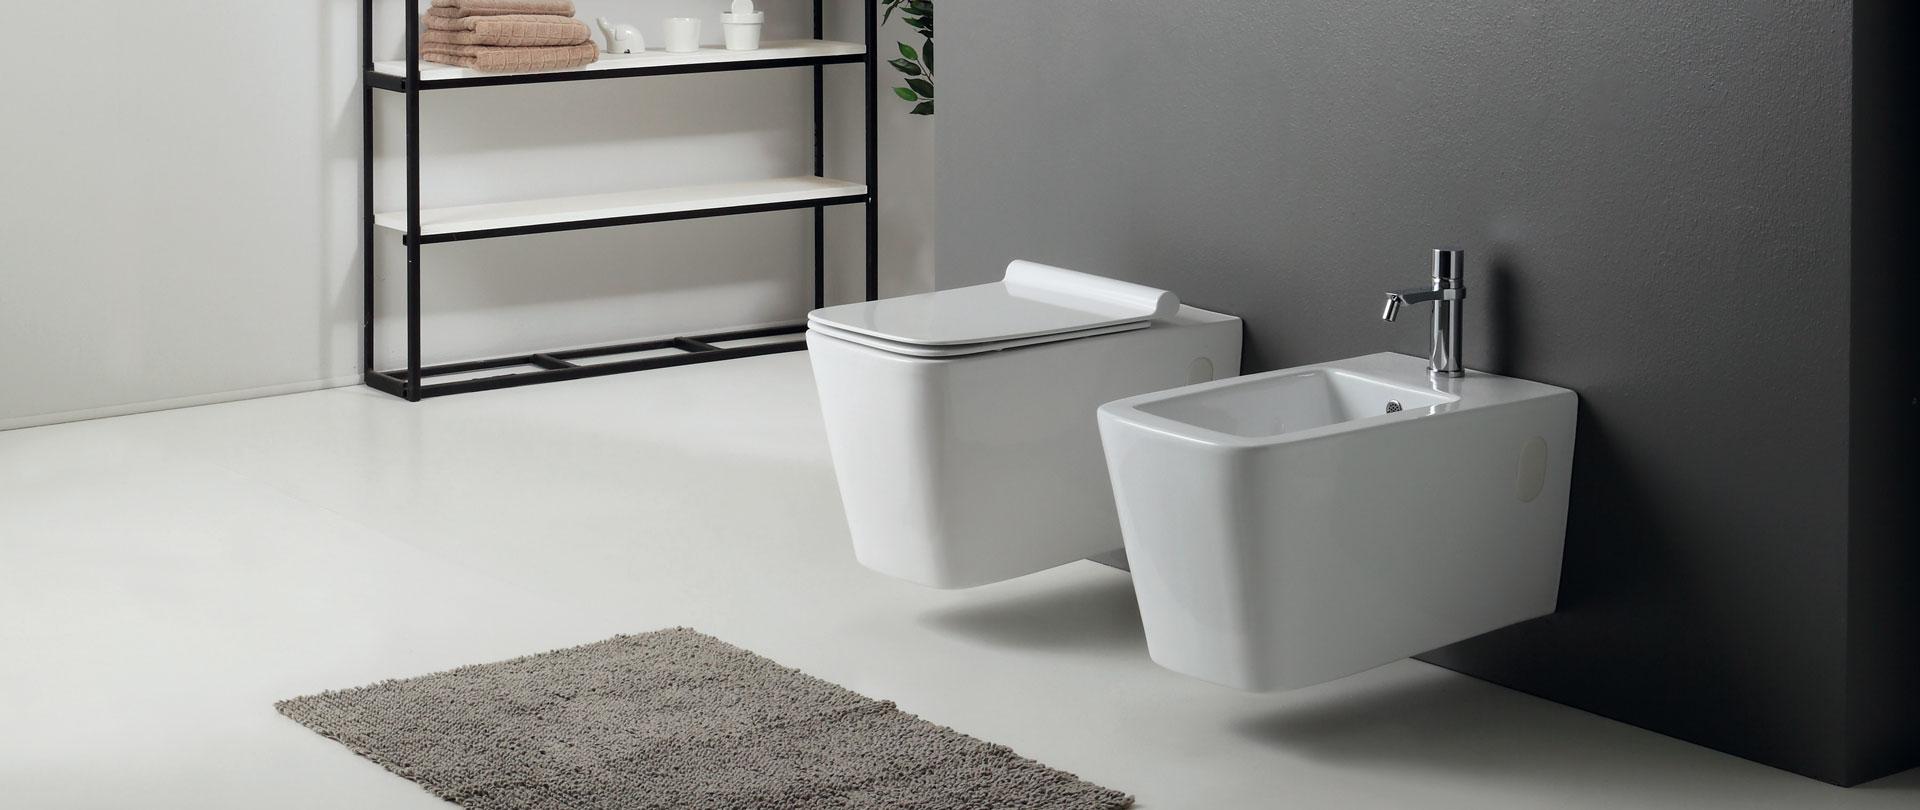 Arredo bagno e sanitari   nero ceramica